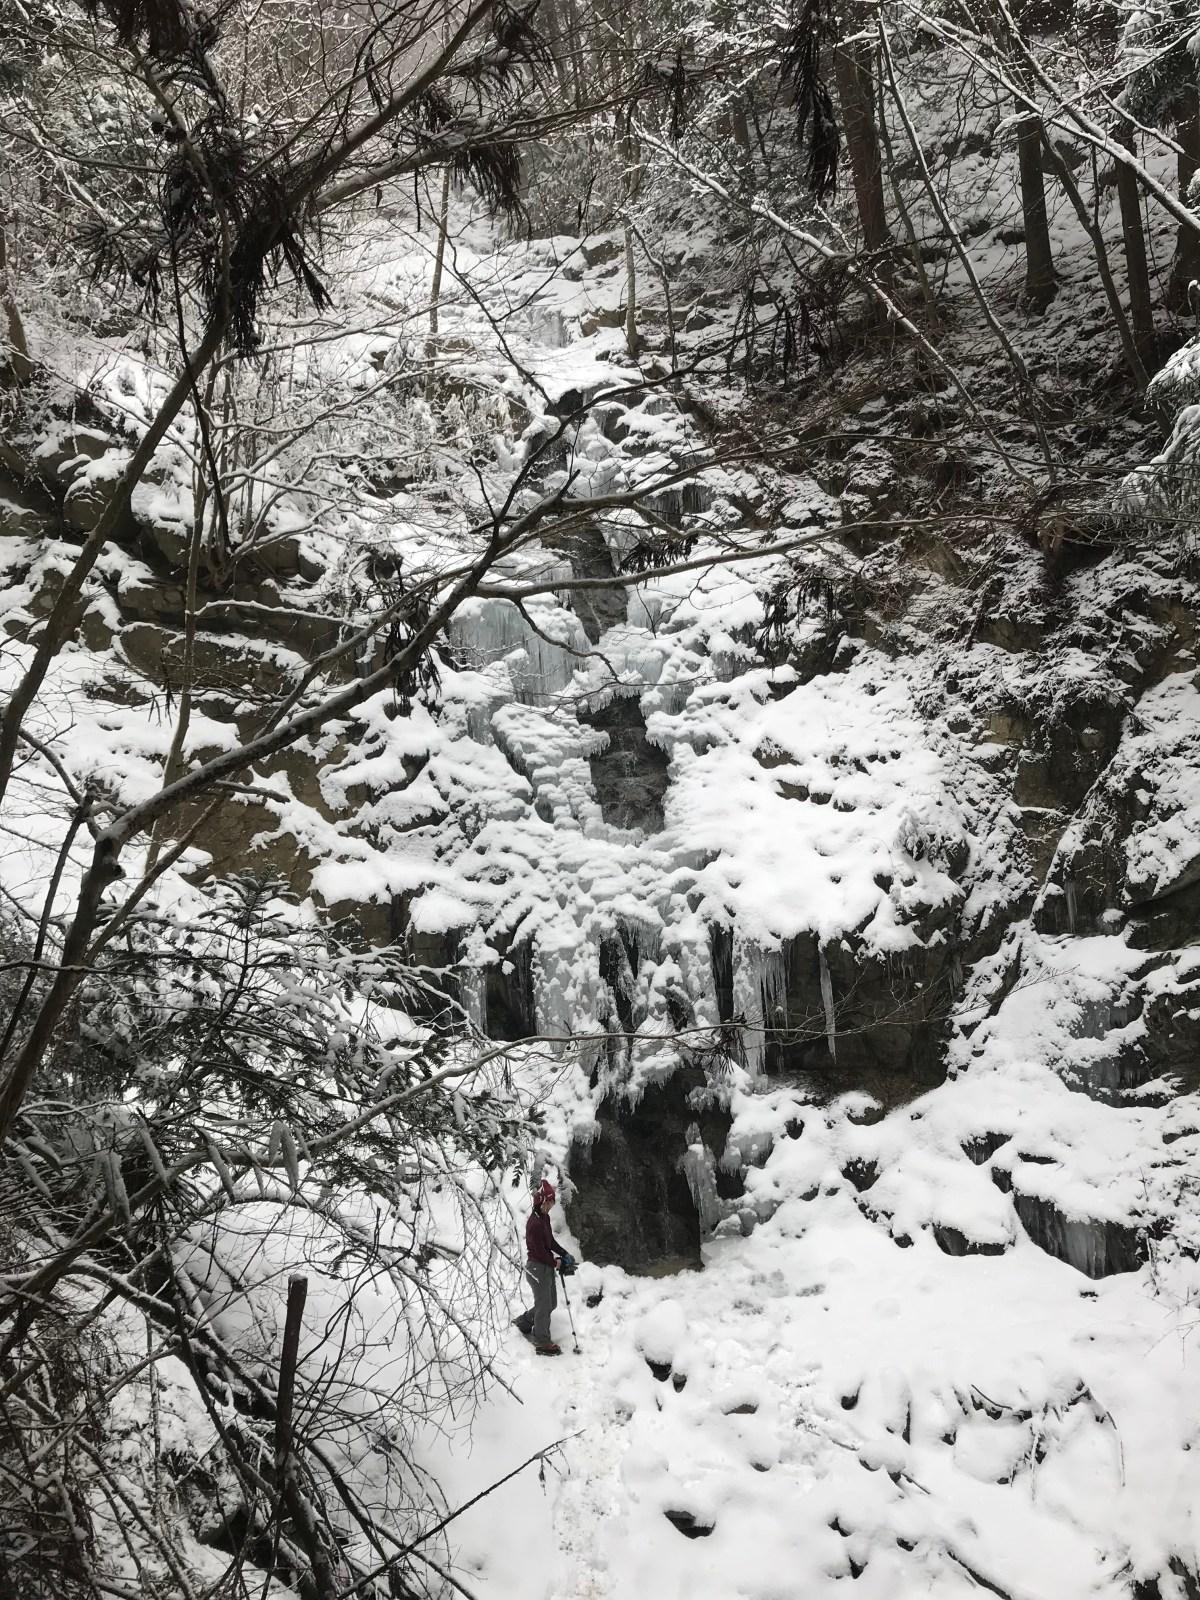 ツツジオ谷から金剛山